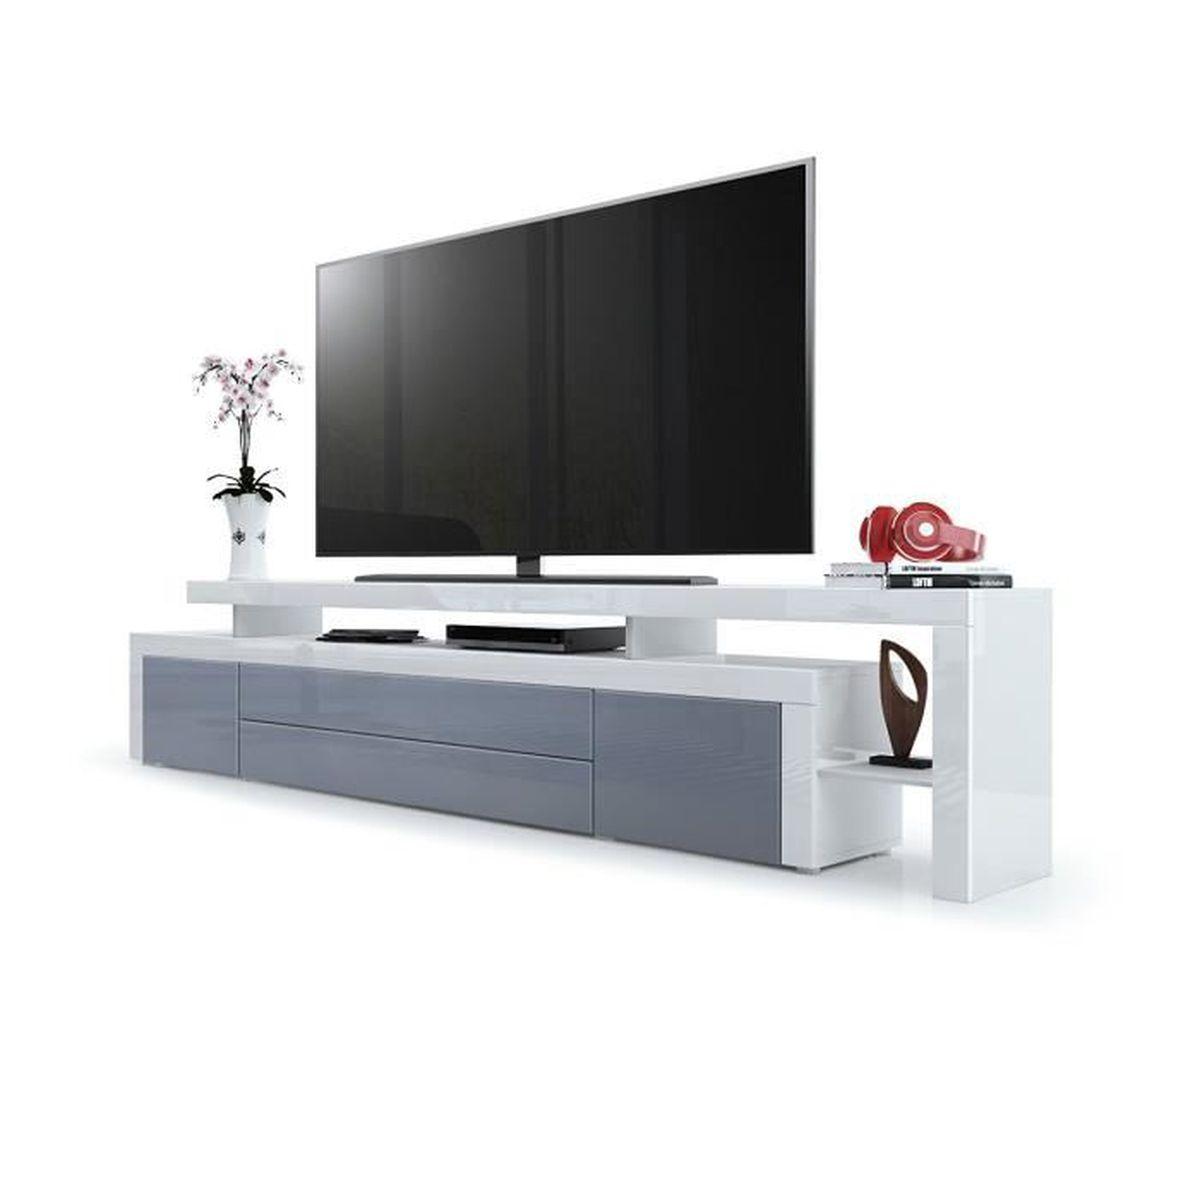 Meuble Tv Blanc Gris Laque 227 Cm Achat Vente Meuble